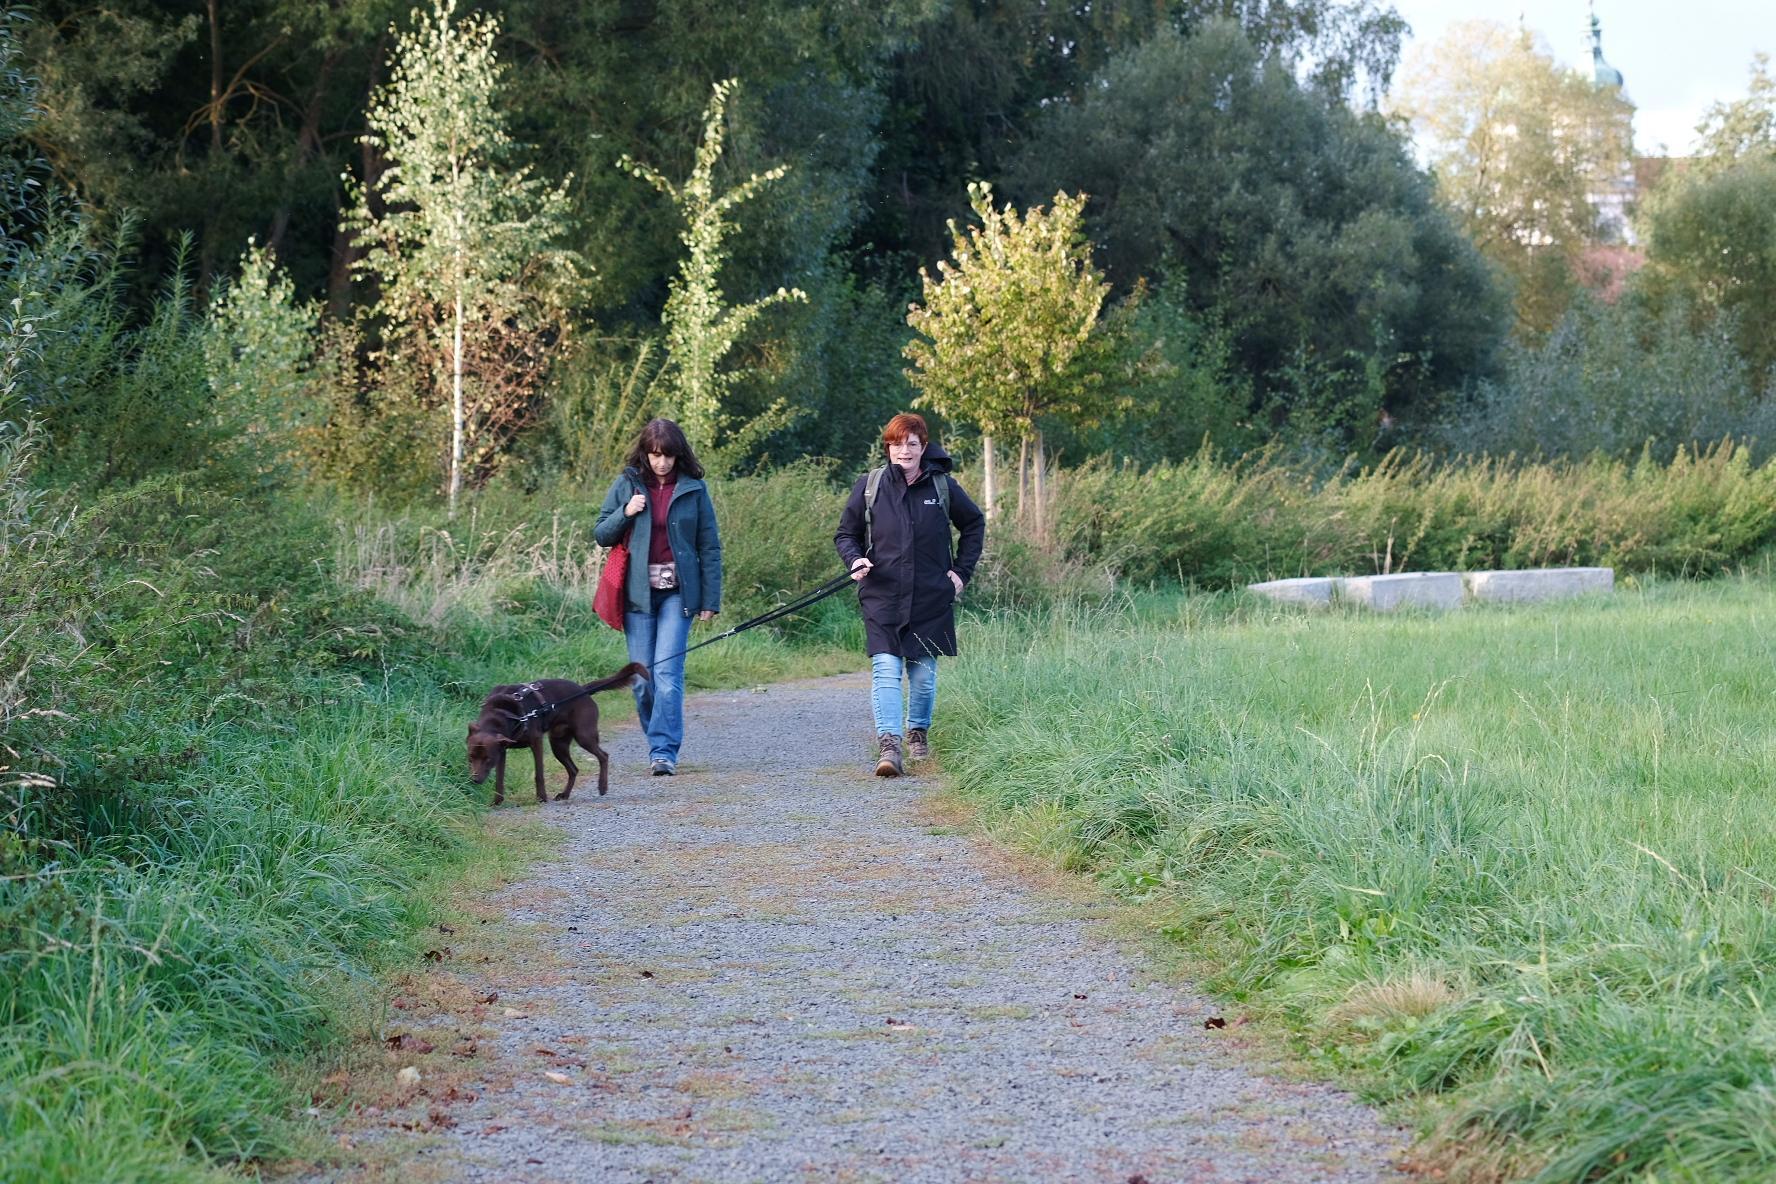 Frauen und ein Hund gehen auf einem Weg